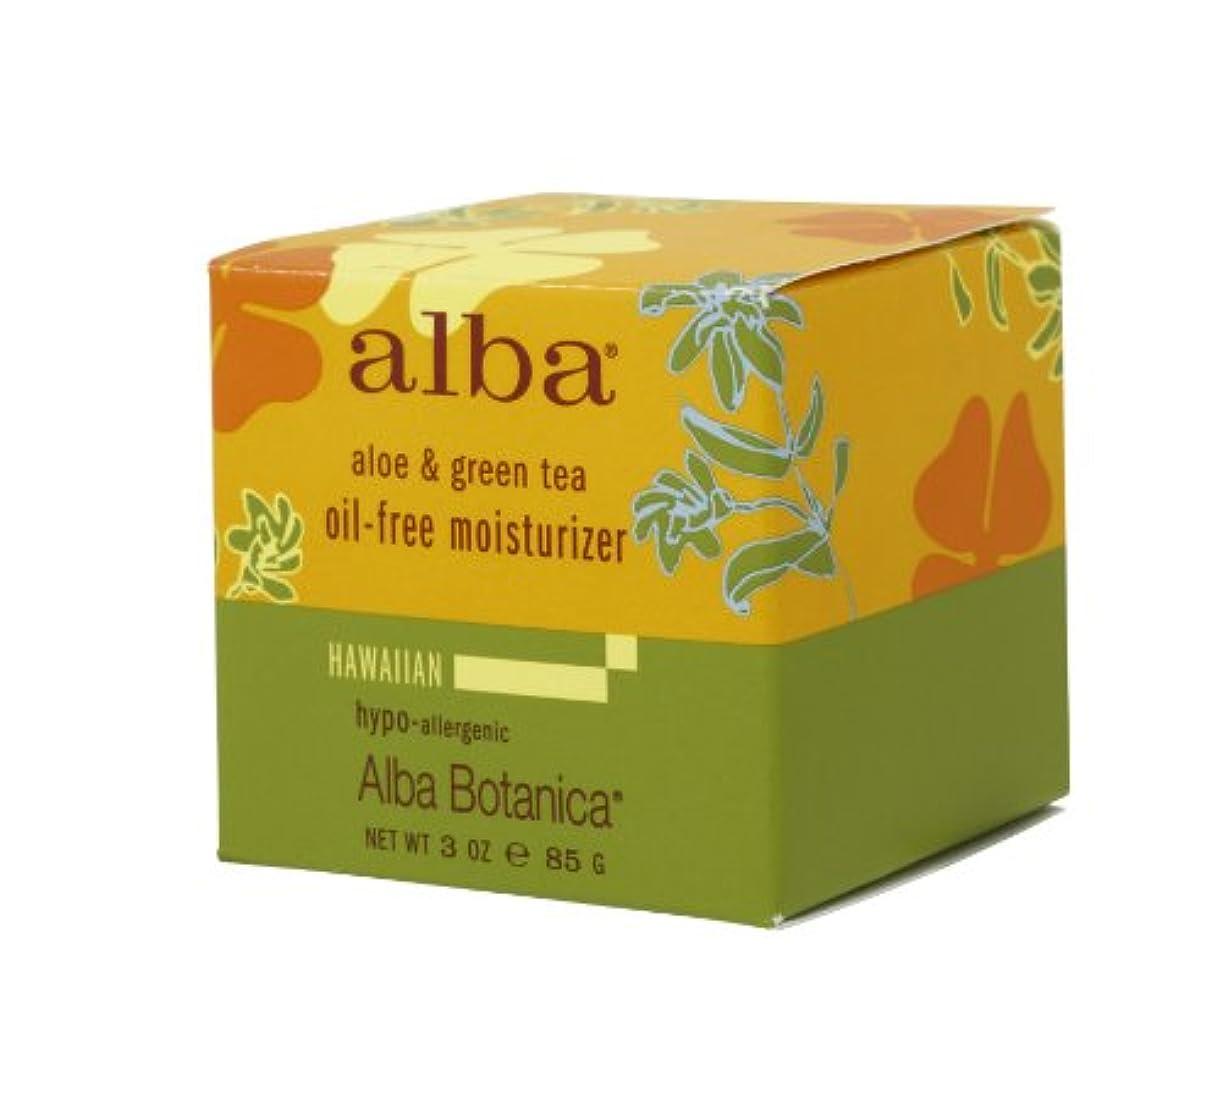 主張する糸過激派alba BOTANICA アルバボタニカ ハワイアン オイルフリーモイスチャークリームAG アロエ&グリンティー